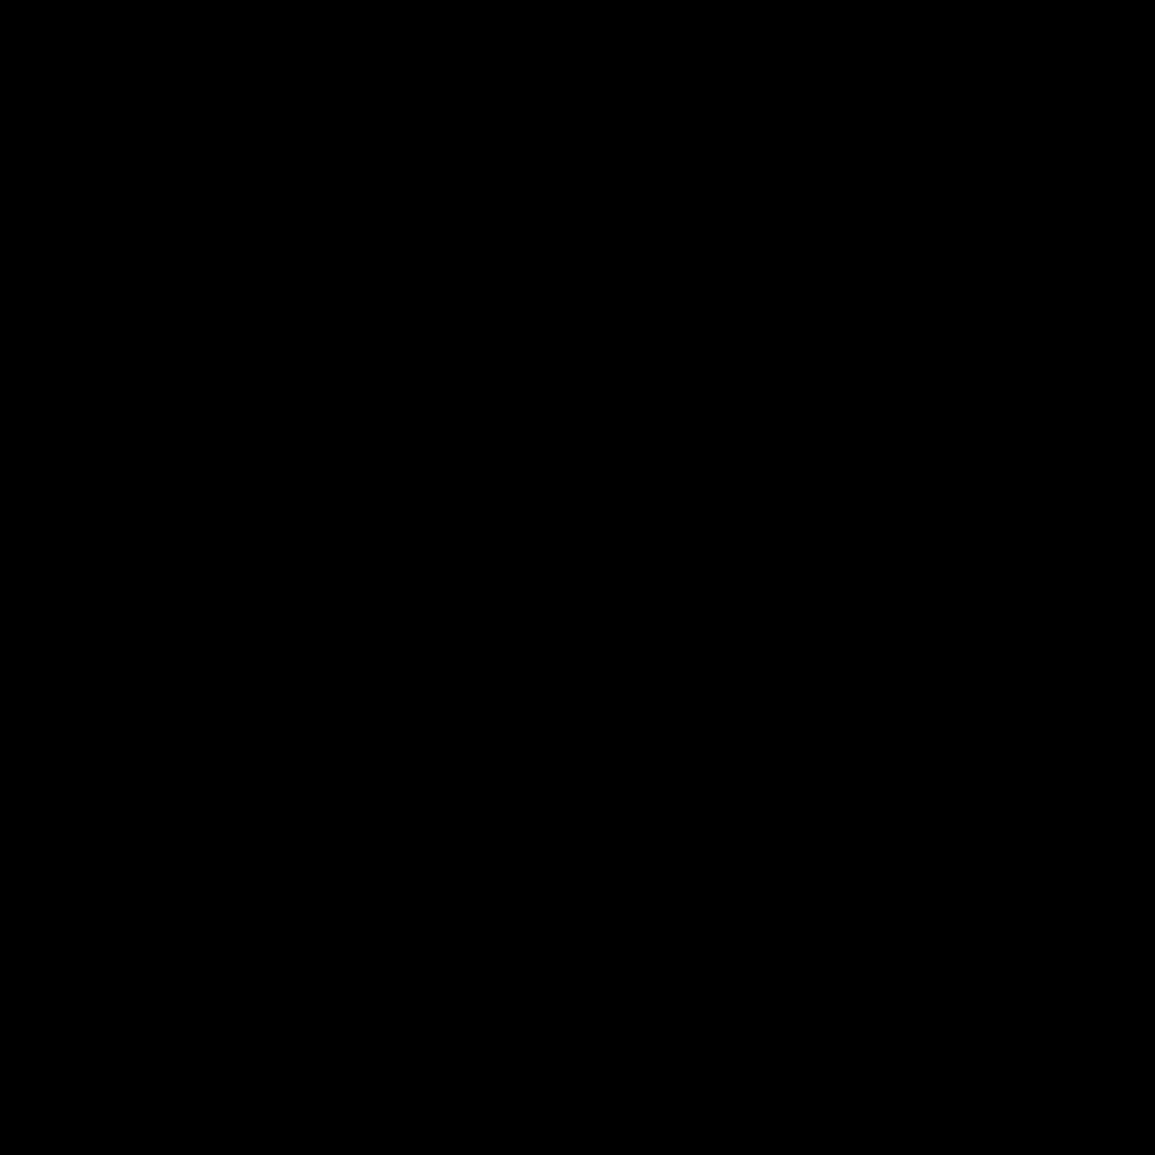 築野蘭 L LTRN 字形見本